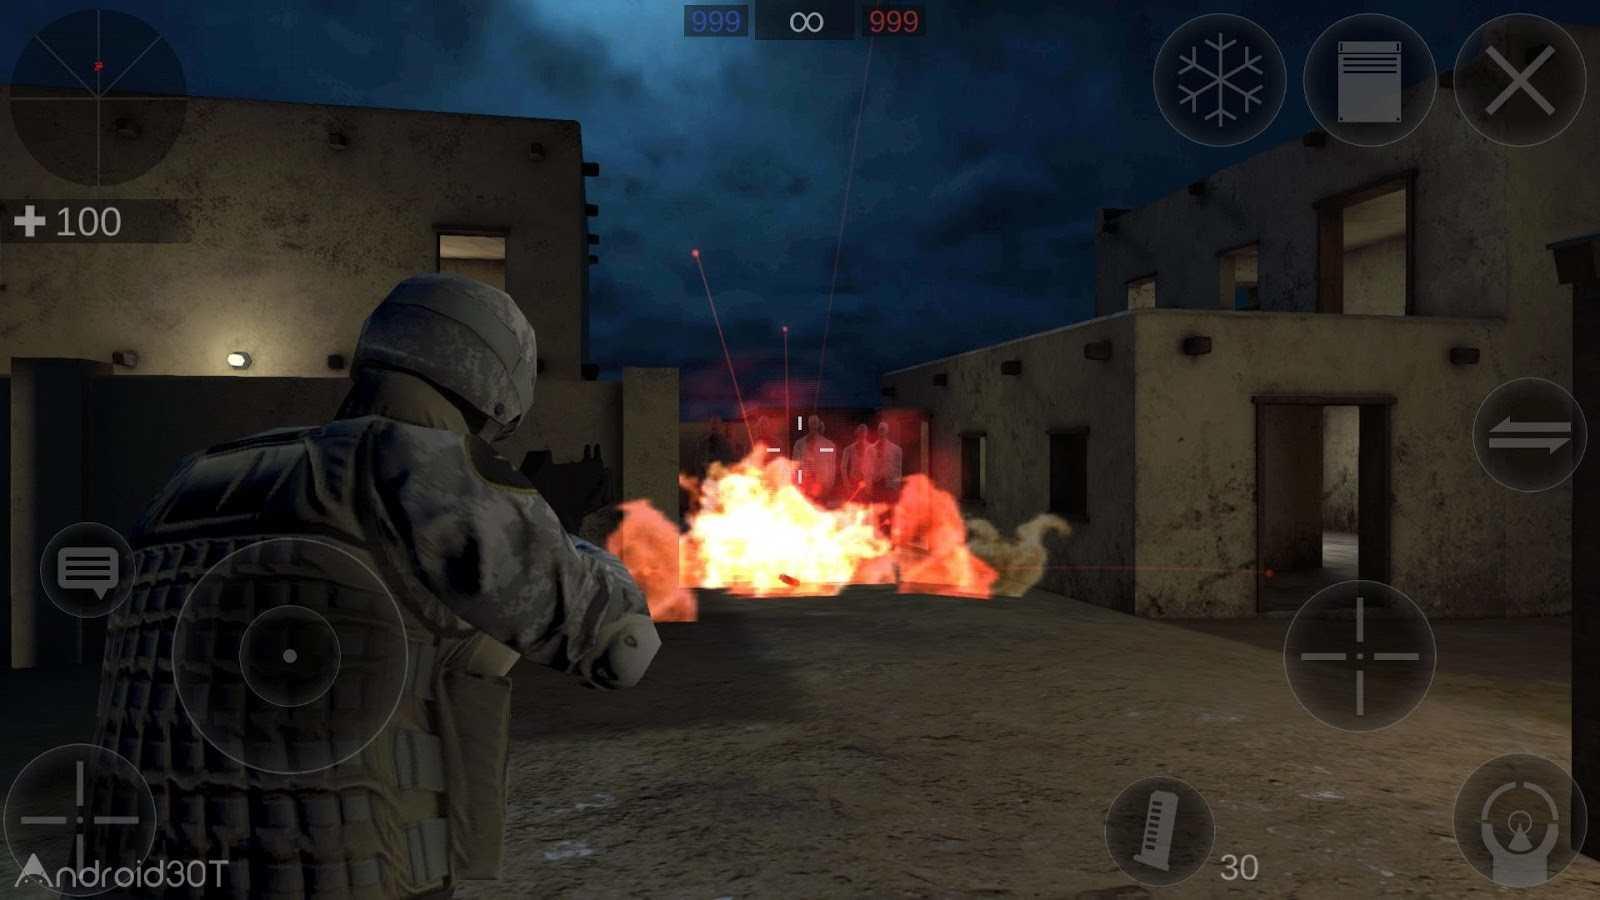 دانلود Zombie Combat Simulator 1.3.8 – بازی اکشن نبرد با زامبی ها اندروید